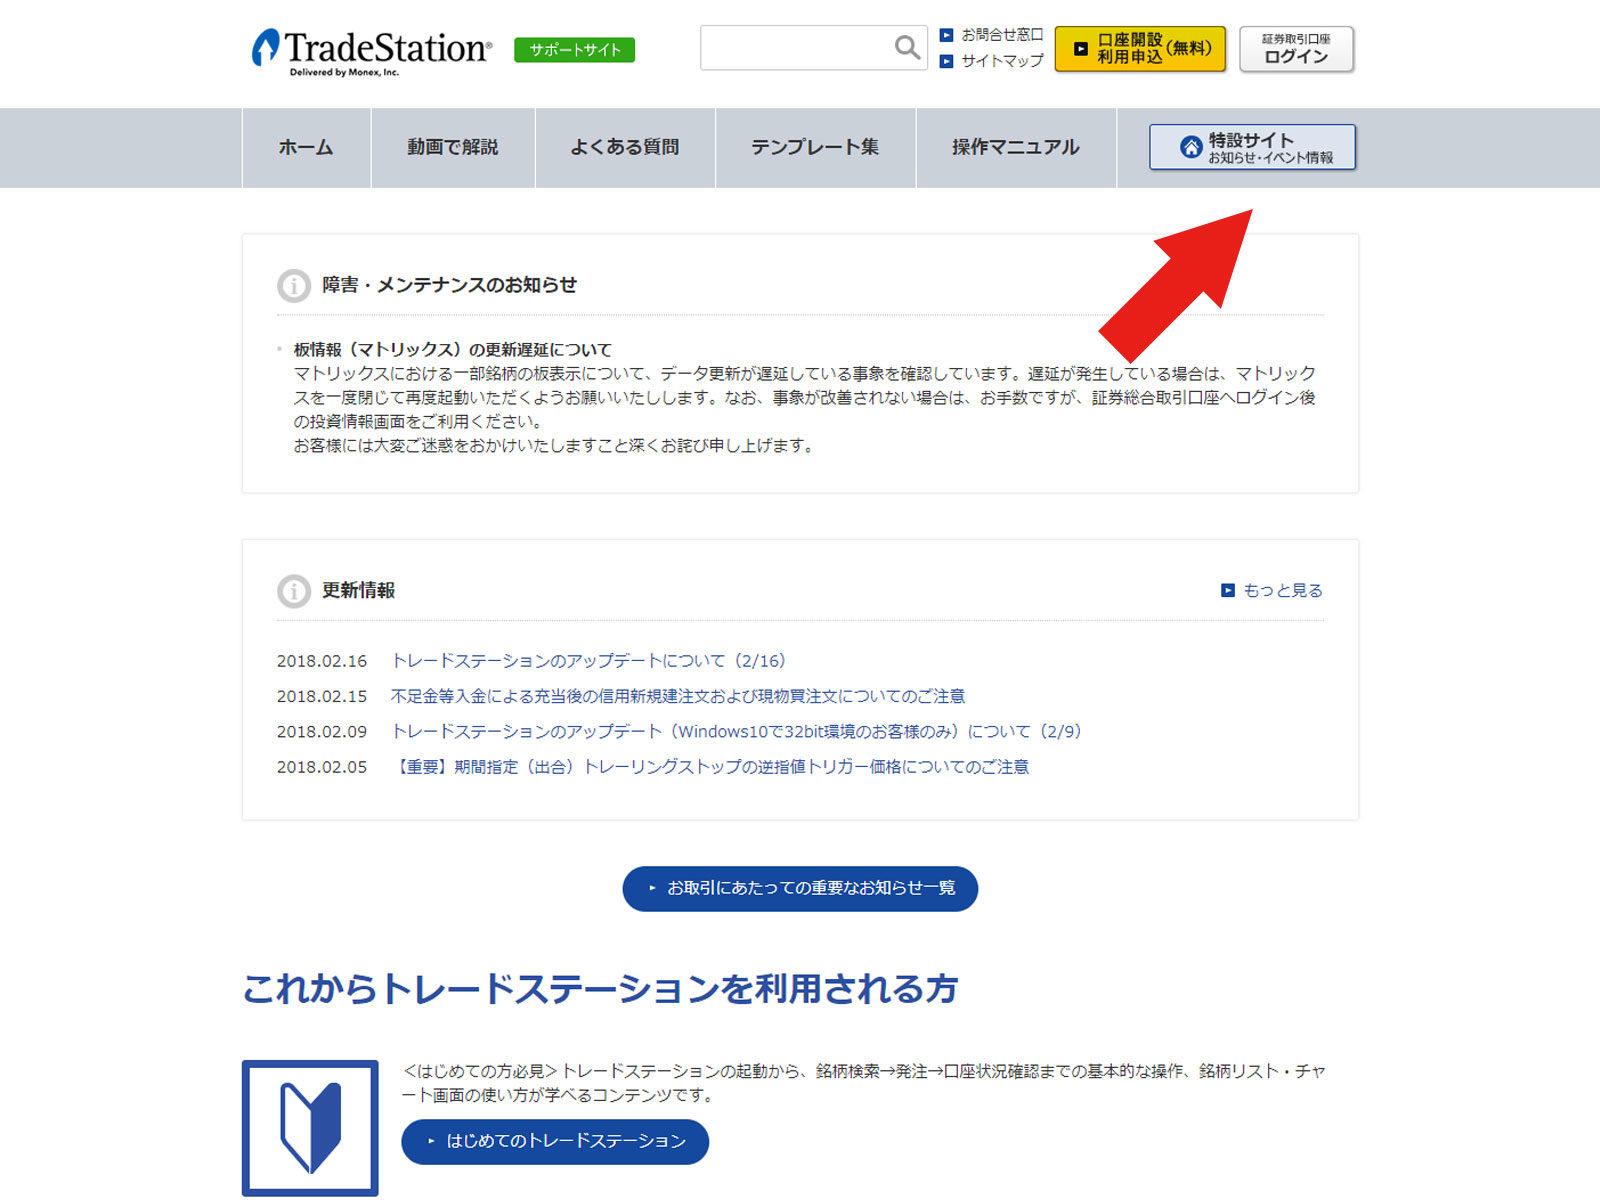 トレードステーションサポートサイトWEB画像